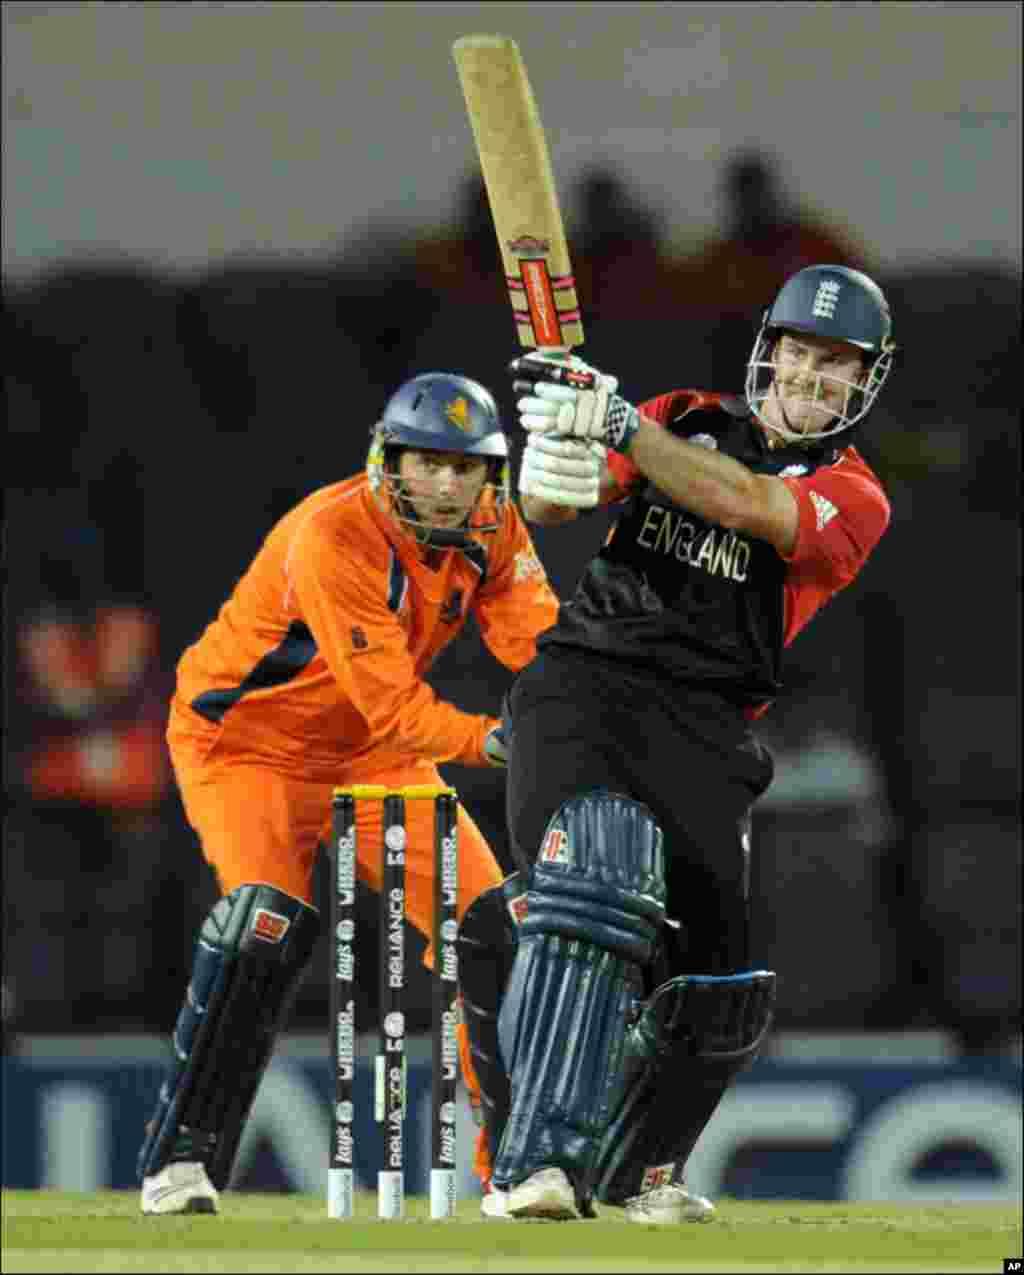 انگلینڈ نیدرلینڈز کرکٹ میچ 2011